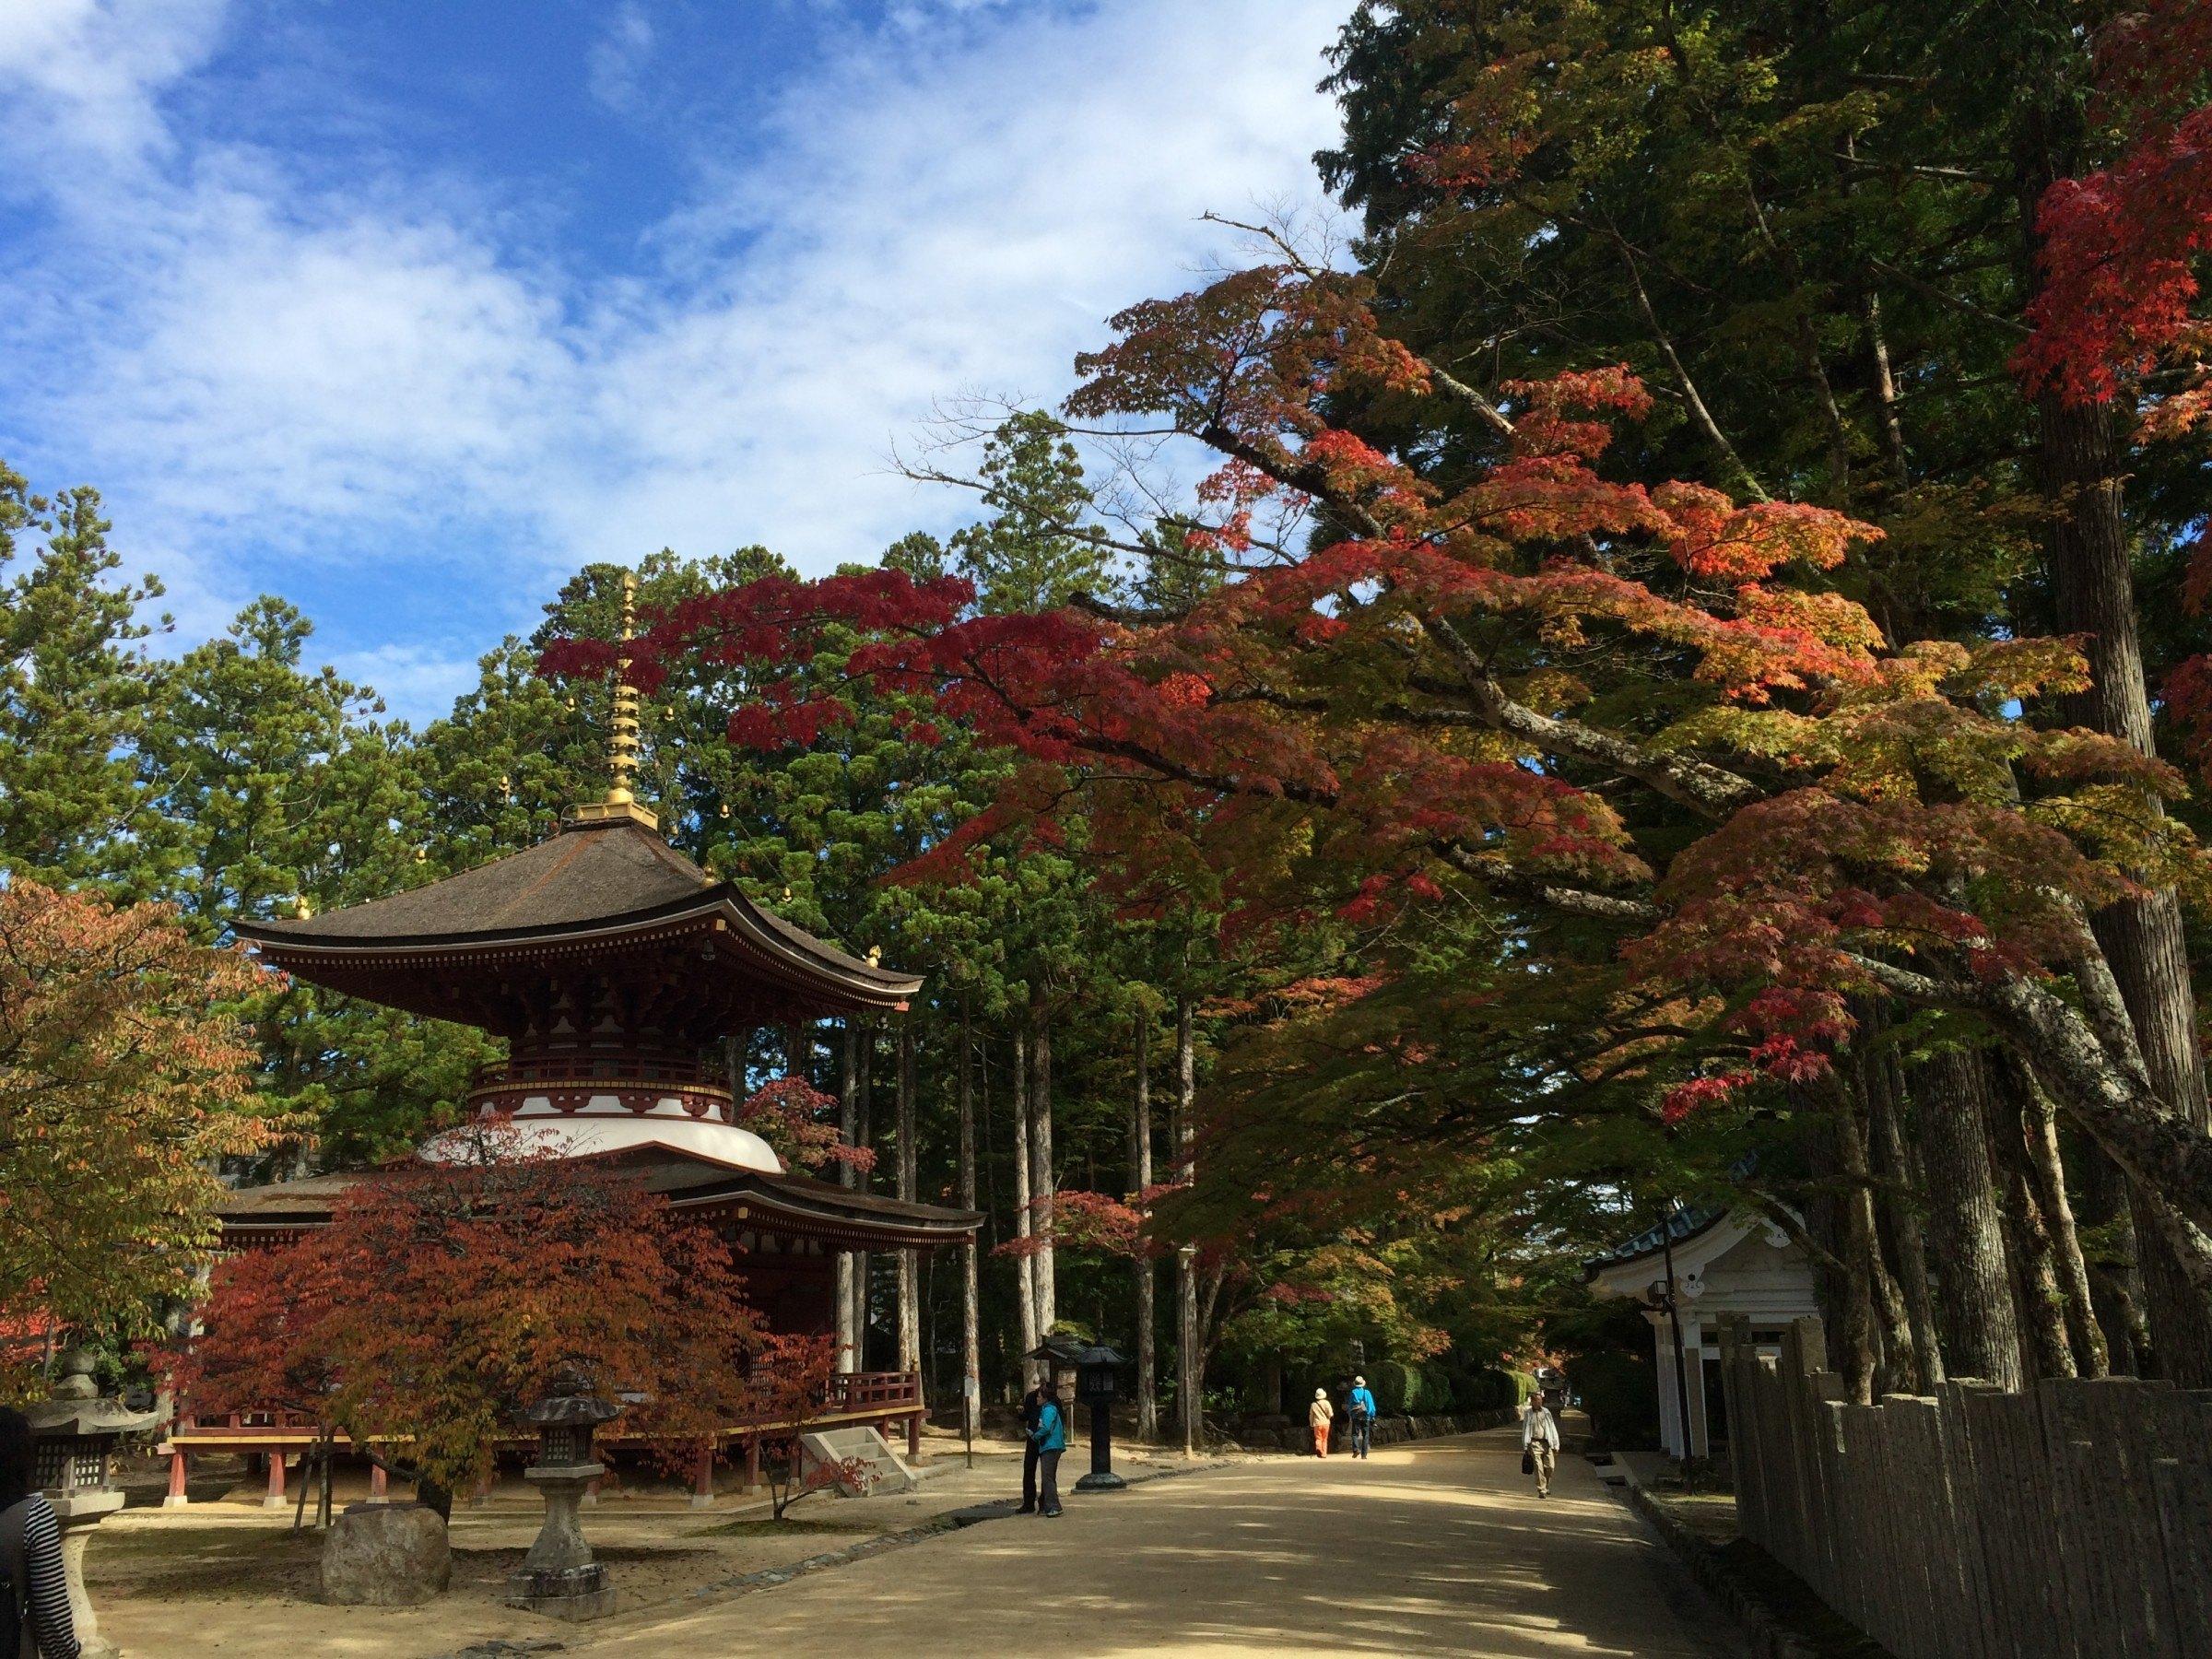 trees and pagoda in shikoku